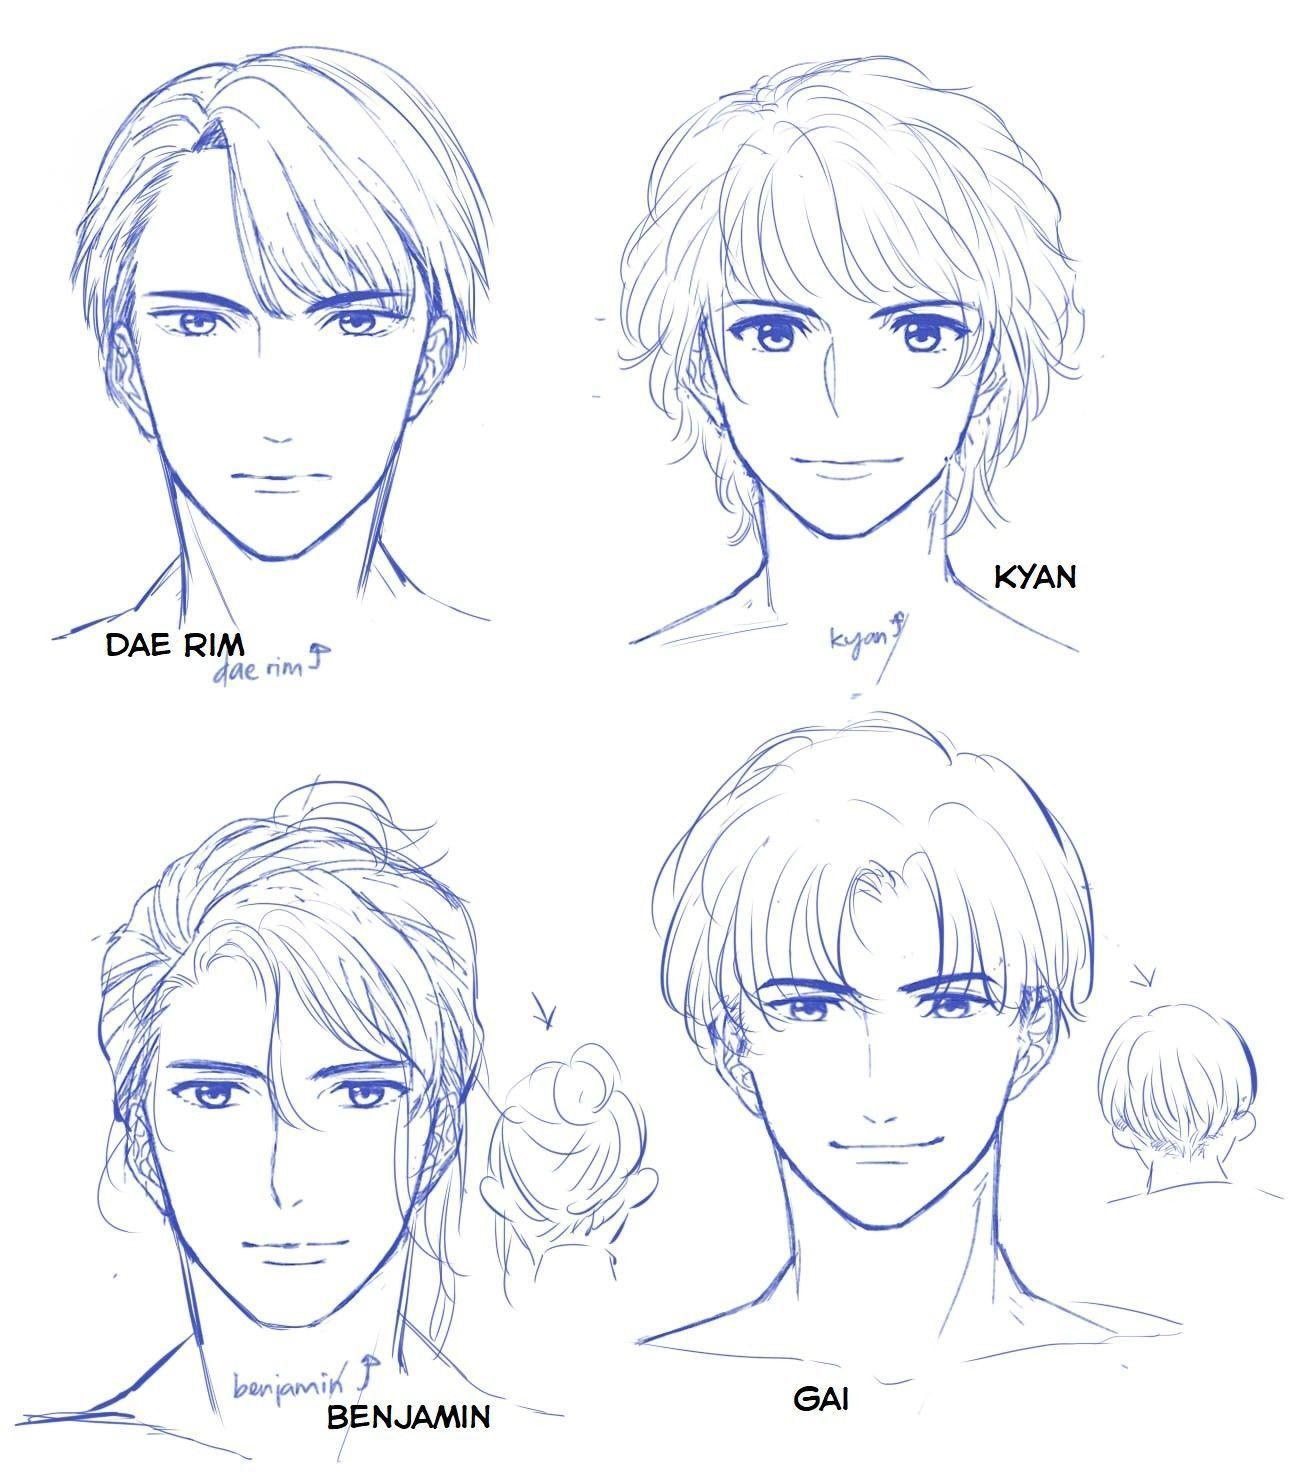 Tumblr Drawings Love In 2020 Anime Drawings Tutorials Anime Drawings Boy Boy Hair Drawing